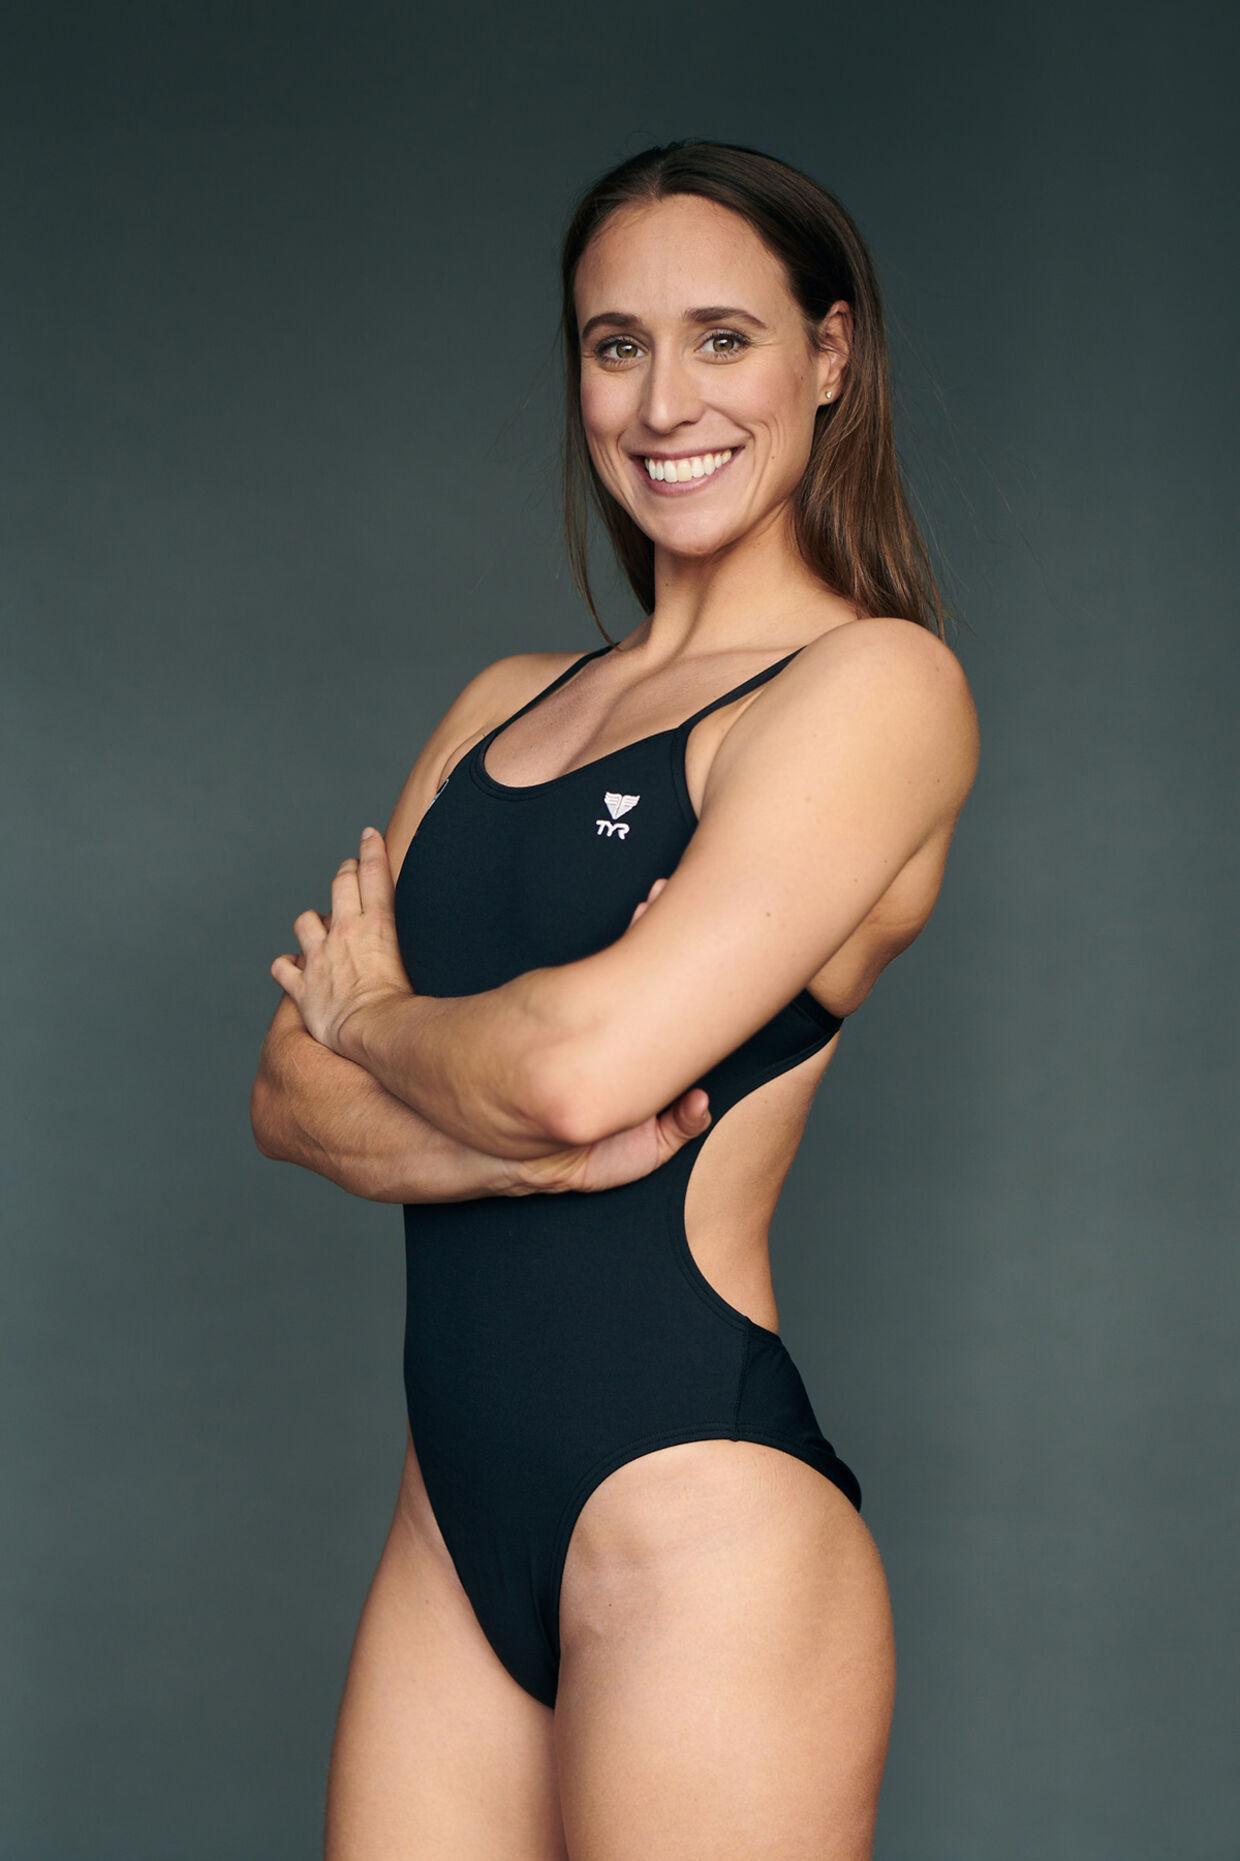 Rikke Møller Pedersen er 29 år. Hun er verdensmester, verdensrekordholder og OL-medaljetager.